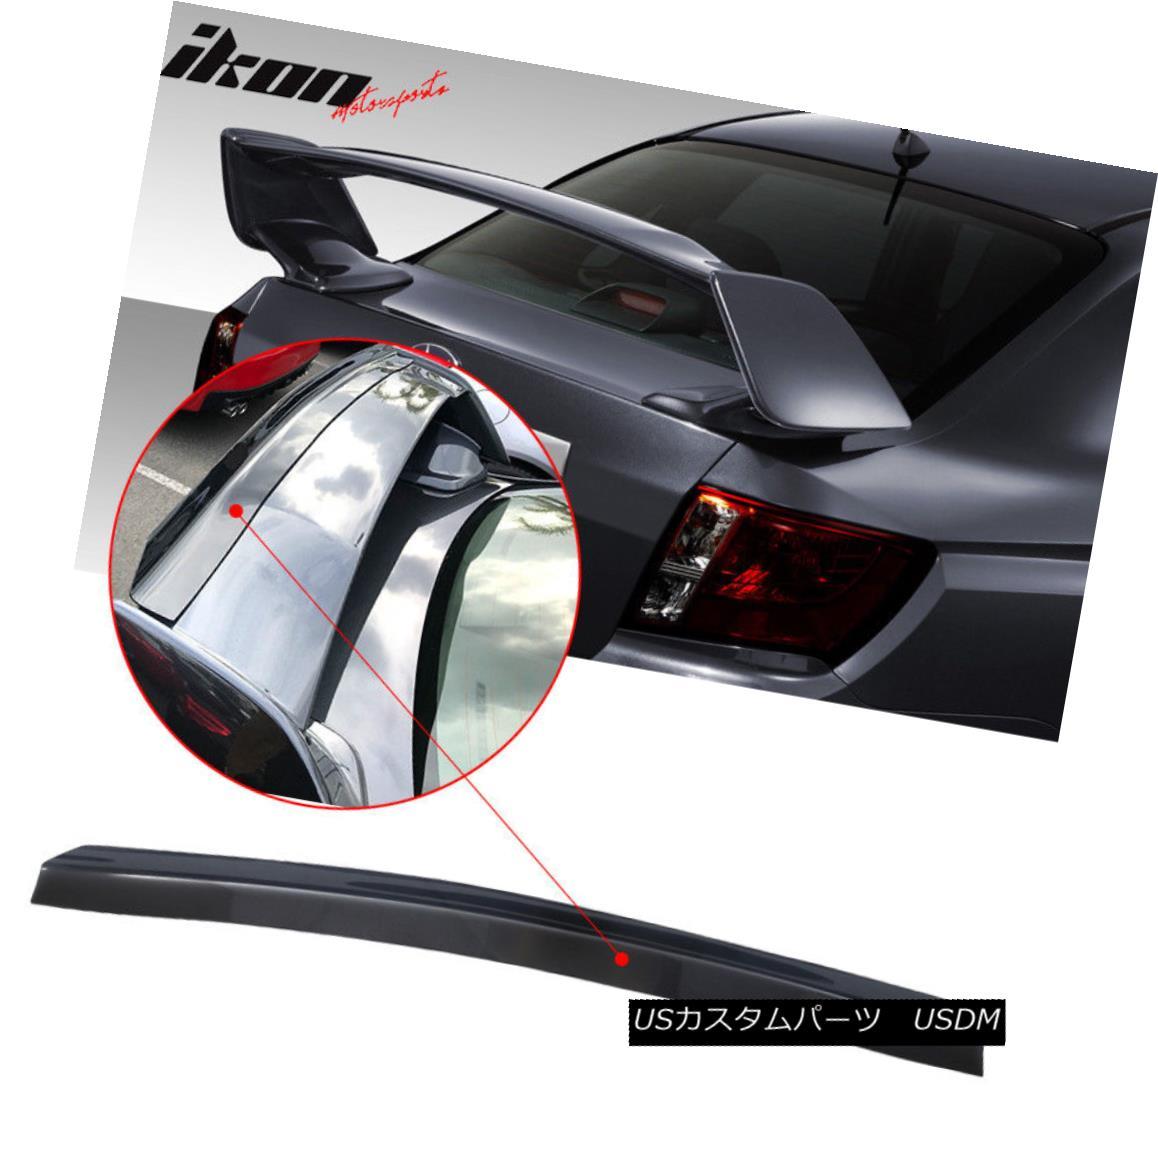 超人気 エアロパーツ Fit 08-14 Subaru WRX STi Top Gurney Flap Add-On Trunk Spoiler Wing Transparent フィット08-14スバルWRX STiトップガーニーフラップアドオントランクスポイラーウイング透明, JACARANDA 6236dc26